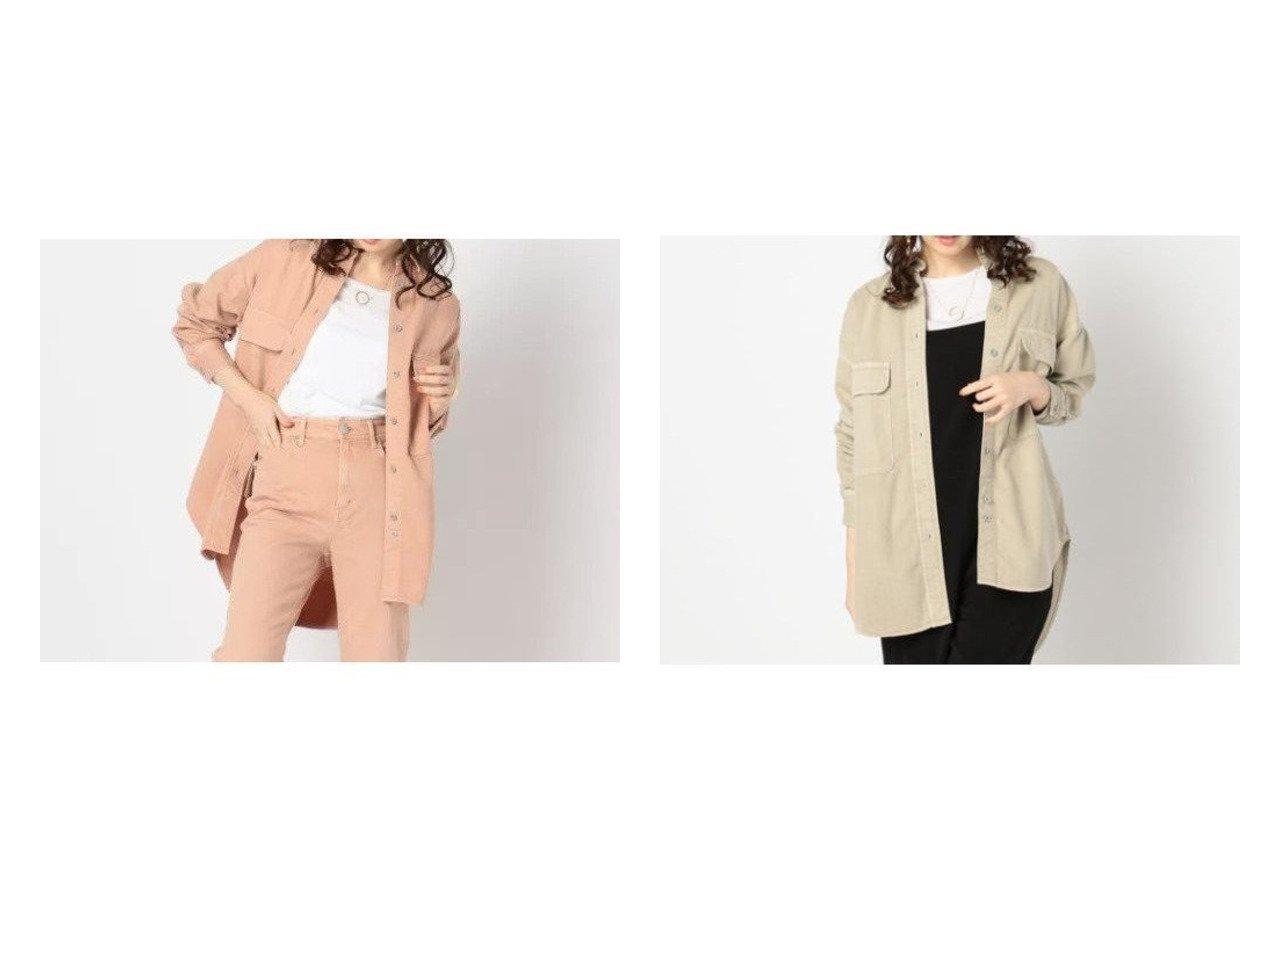 【NOLLEY'S/ノーリーズ】の【ヤヌーク】CPOシャツジャケット アウターのおすすめ!人気、トレンド・レディースファッションの通販 おすすめで人気の流行・トレンド、ファッションの通販商品 メンズファッション・キッズファッション・インテリア・家具・レディースファッション・服の通販 founy(ファニー) https://founy.com/ ファッション Fashion レディースファッション WOMEN アウター Coat Outerwear ジャケット Jackets 春 Spring ジャケット スキニー ストレート スリム センター デニム フィット フラップ ベビー ベーシック ボックス ボーイズ ポケット ヨーク リラックス ロング ワーク |ID:crp329100000024025